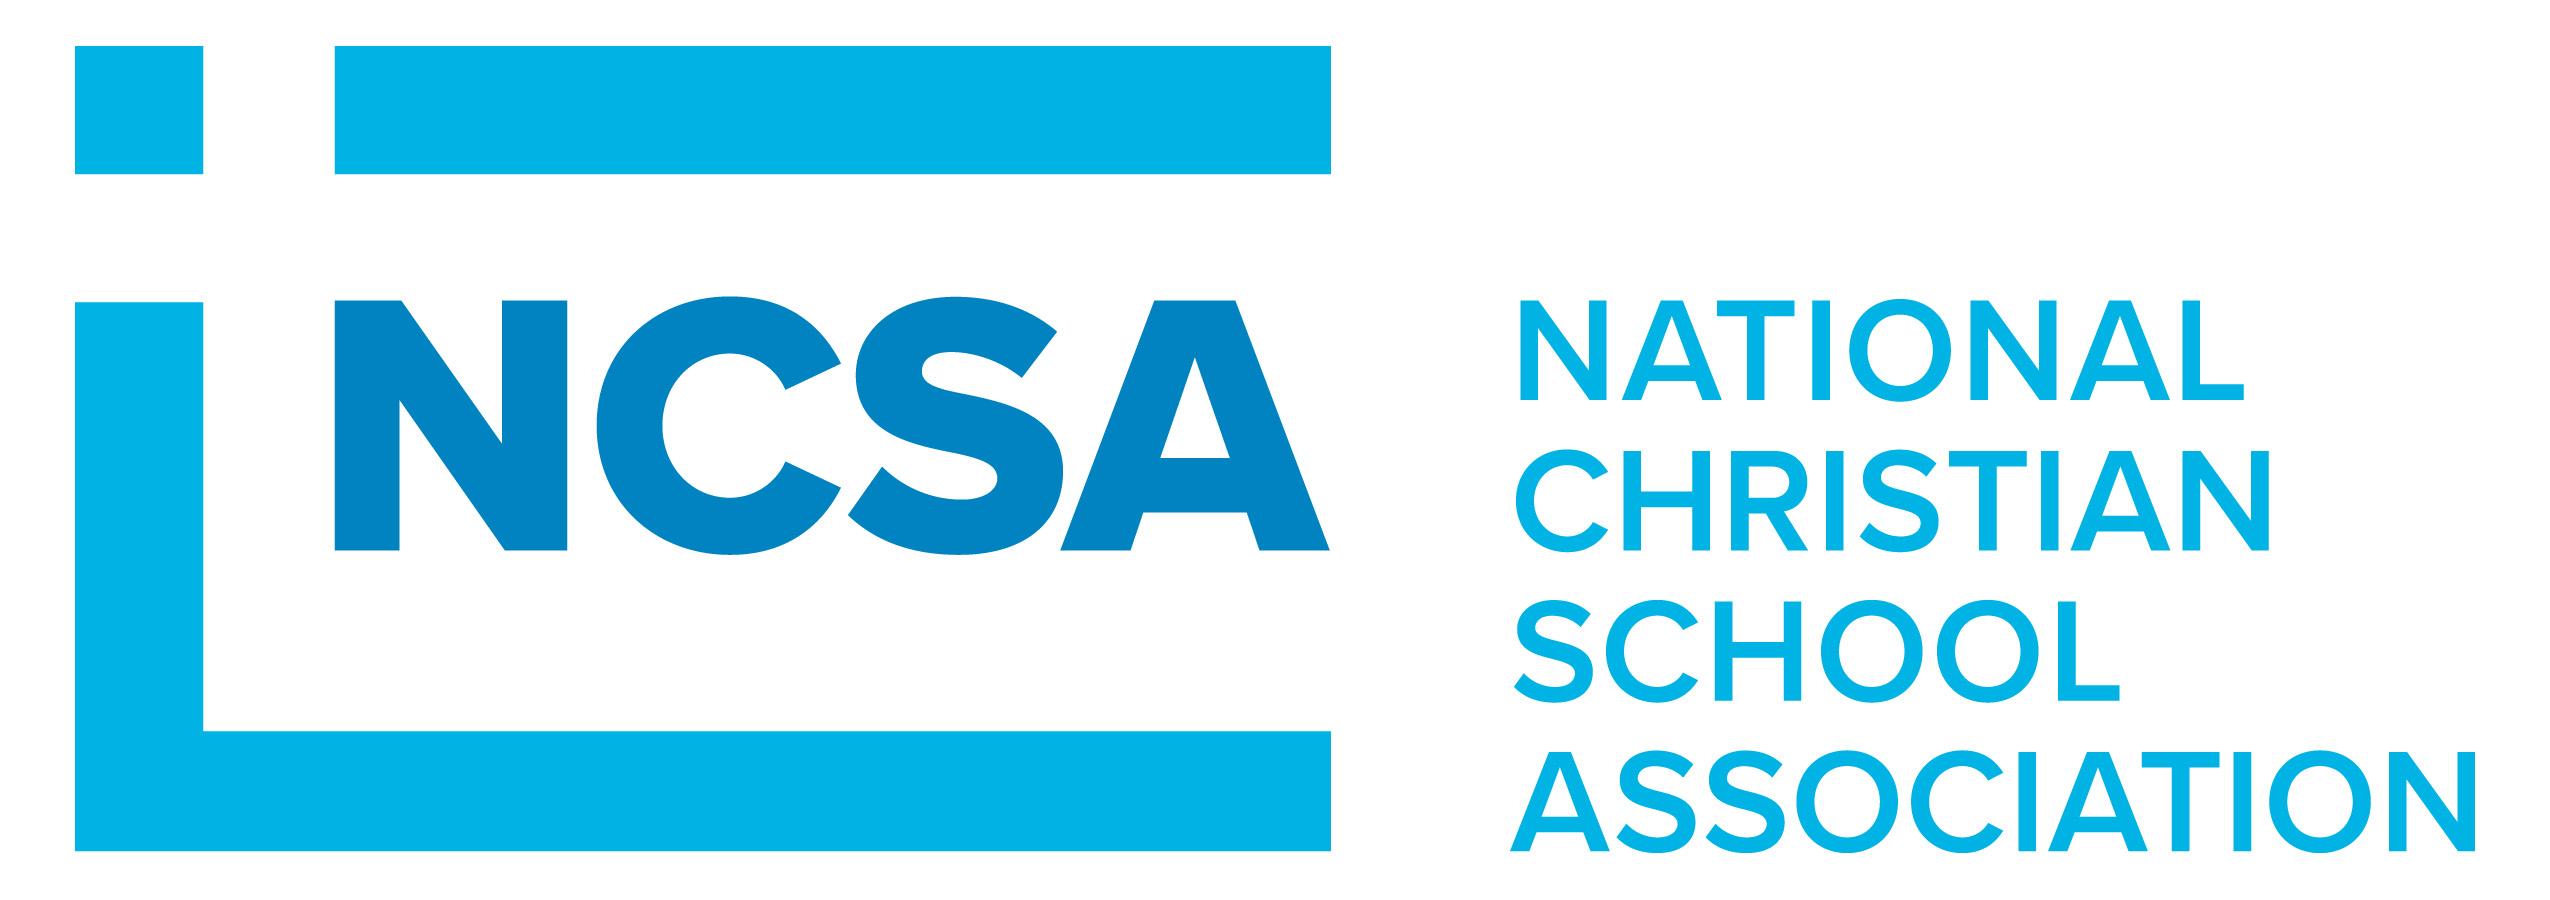 Choosing a Christian School